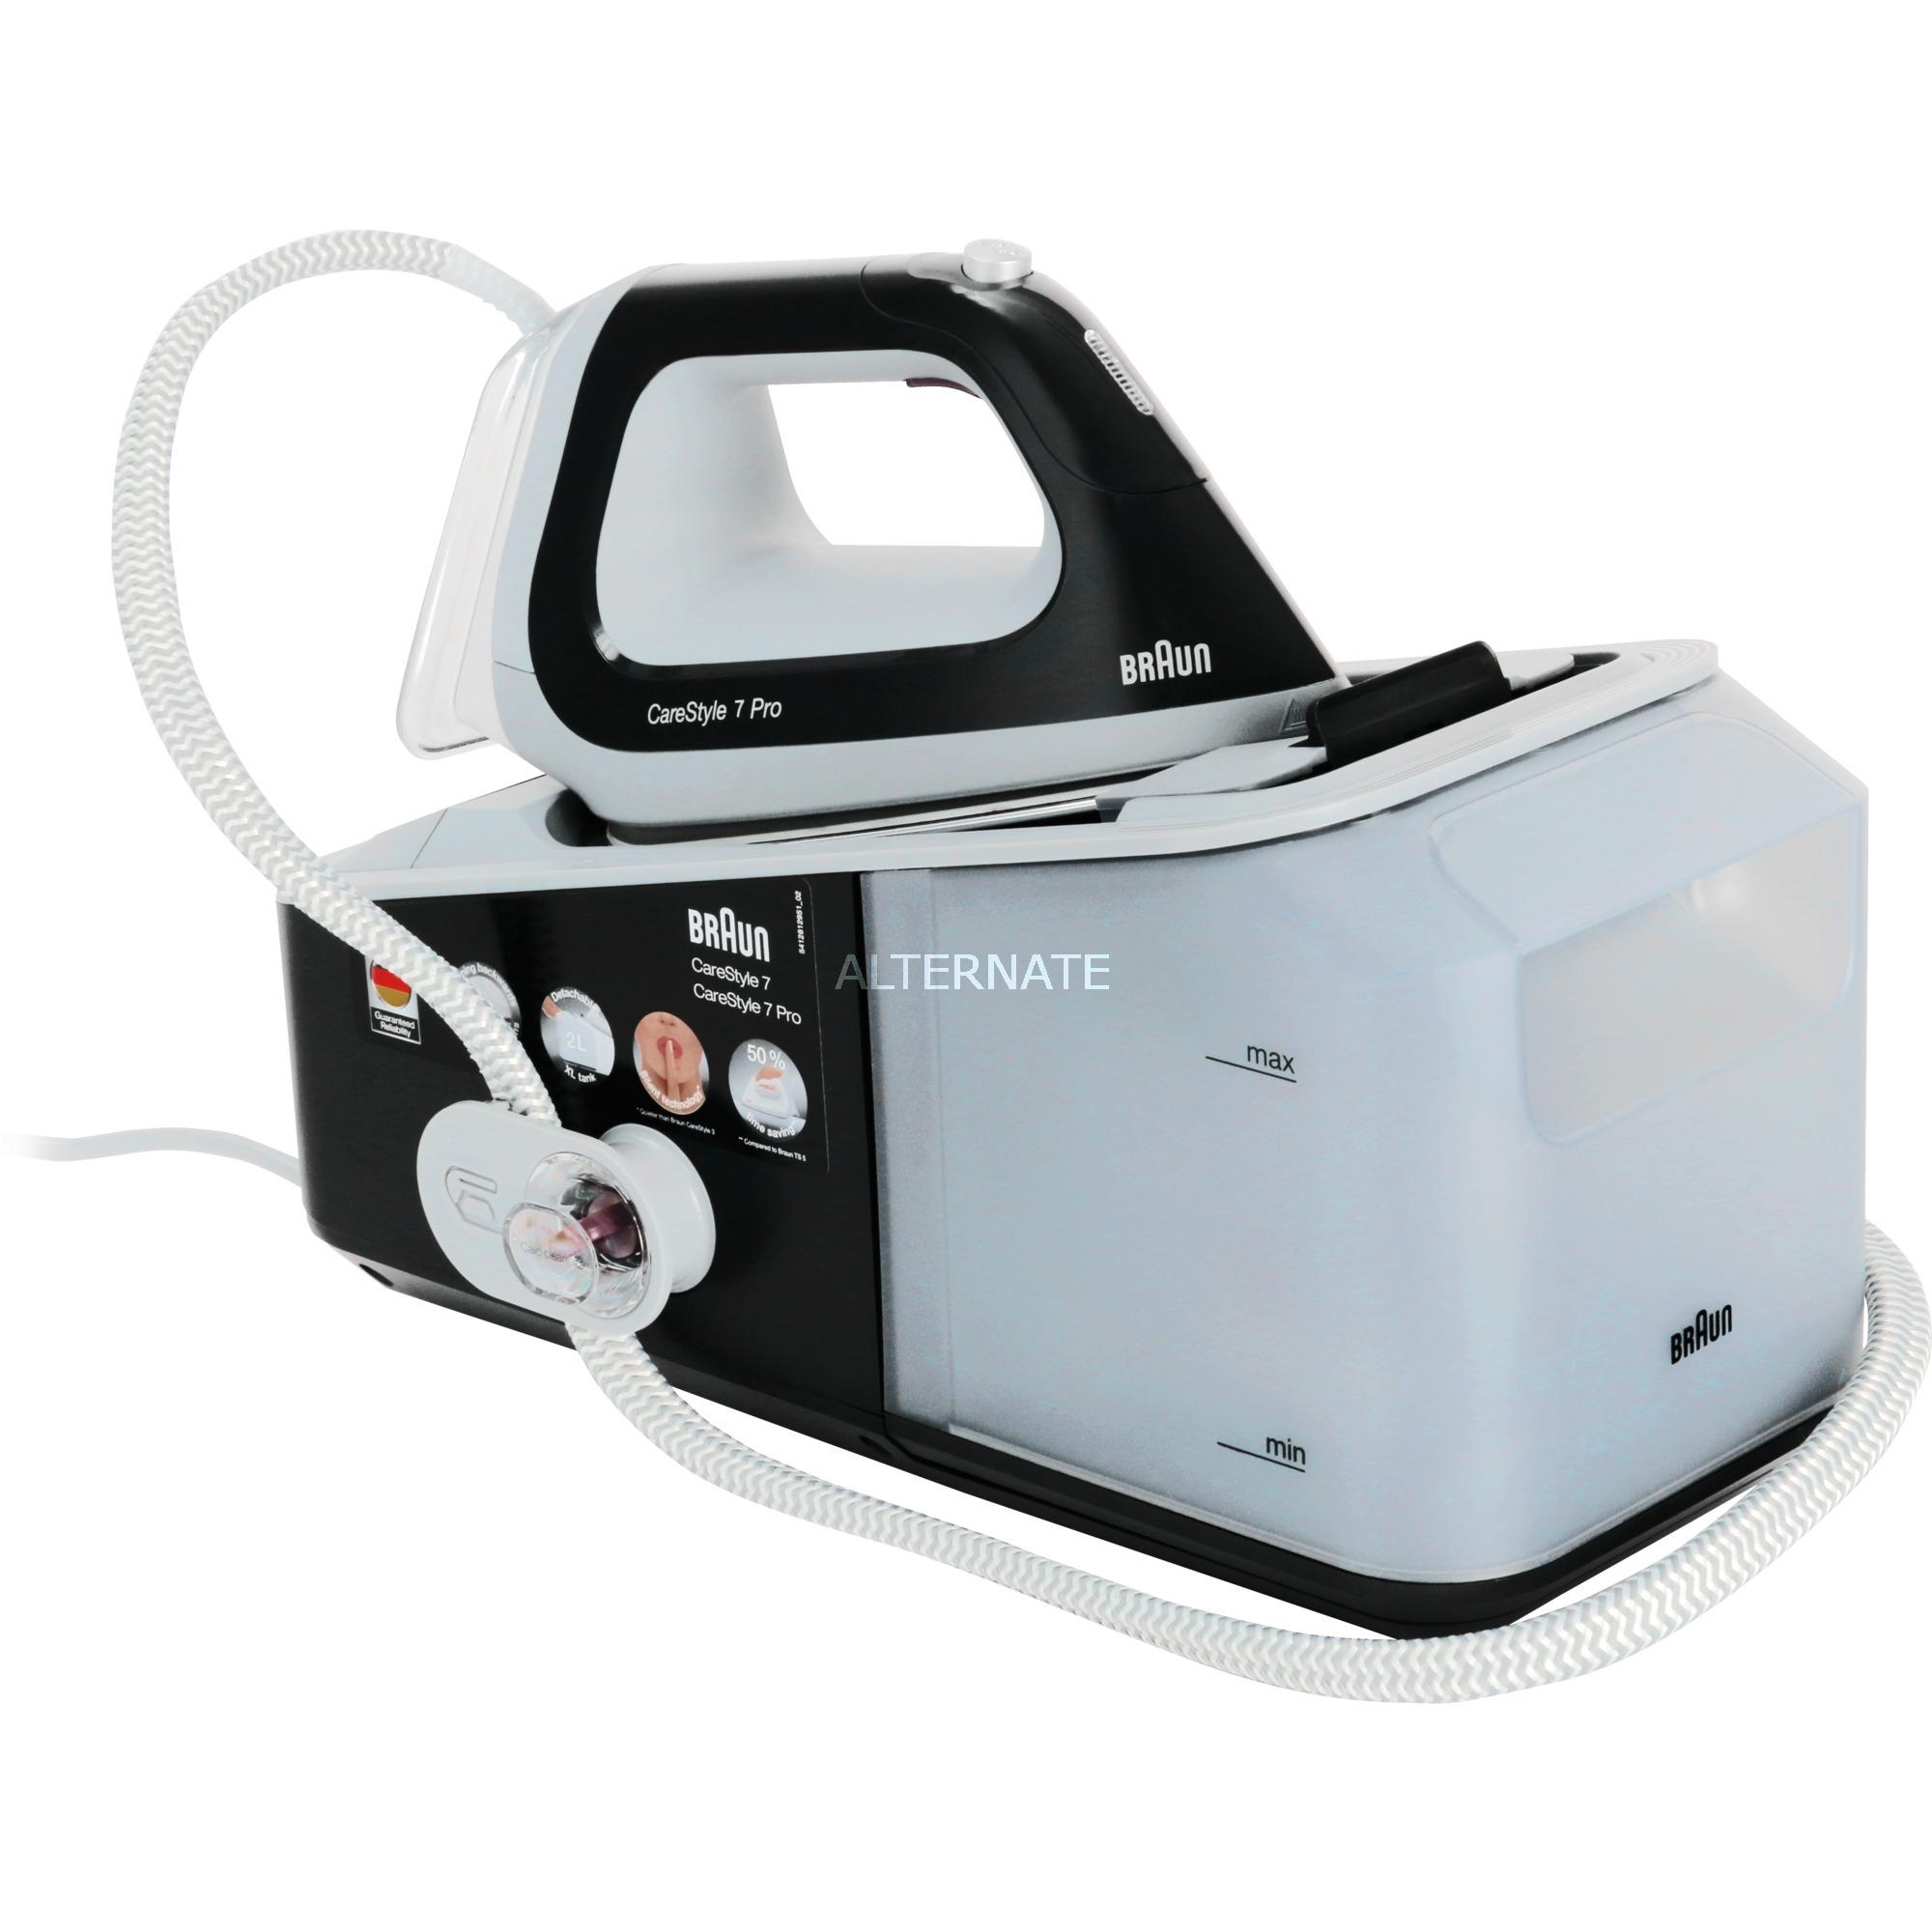 CareStyle 7 Pro IS 7056 2400 W 2 L Suela Saphir Negro, Gris, Estación de planchado a vapor